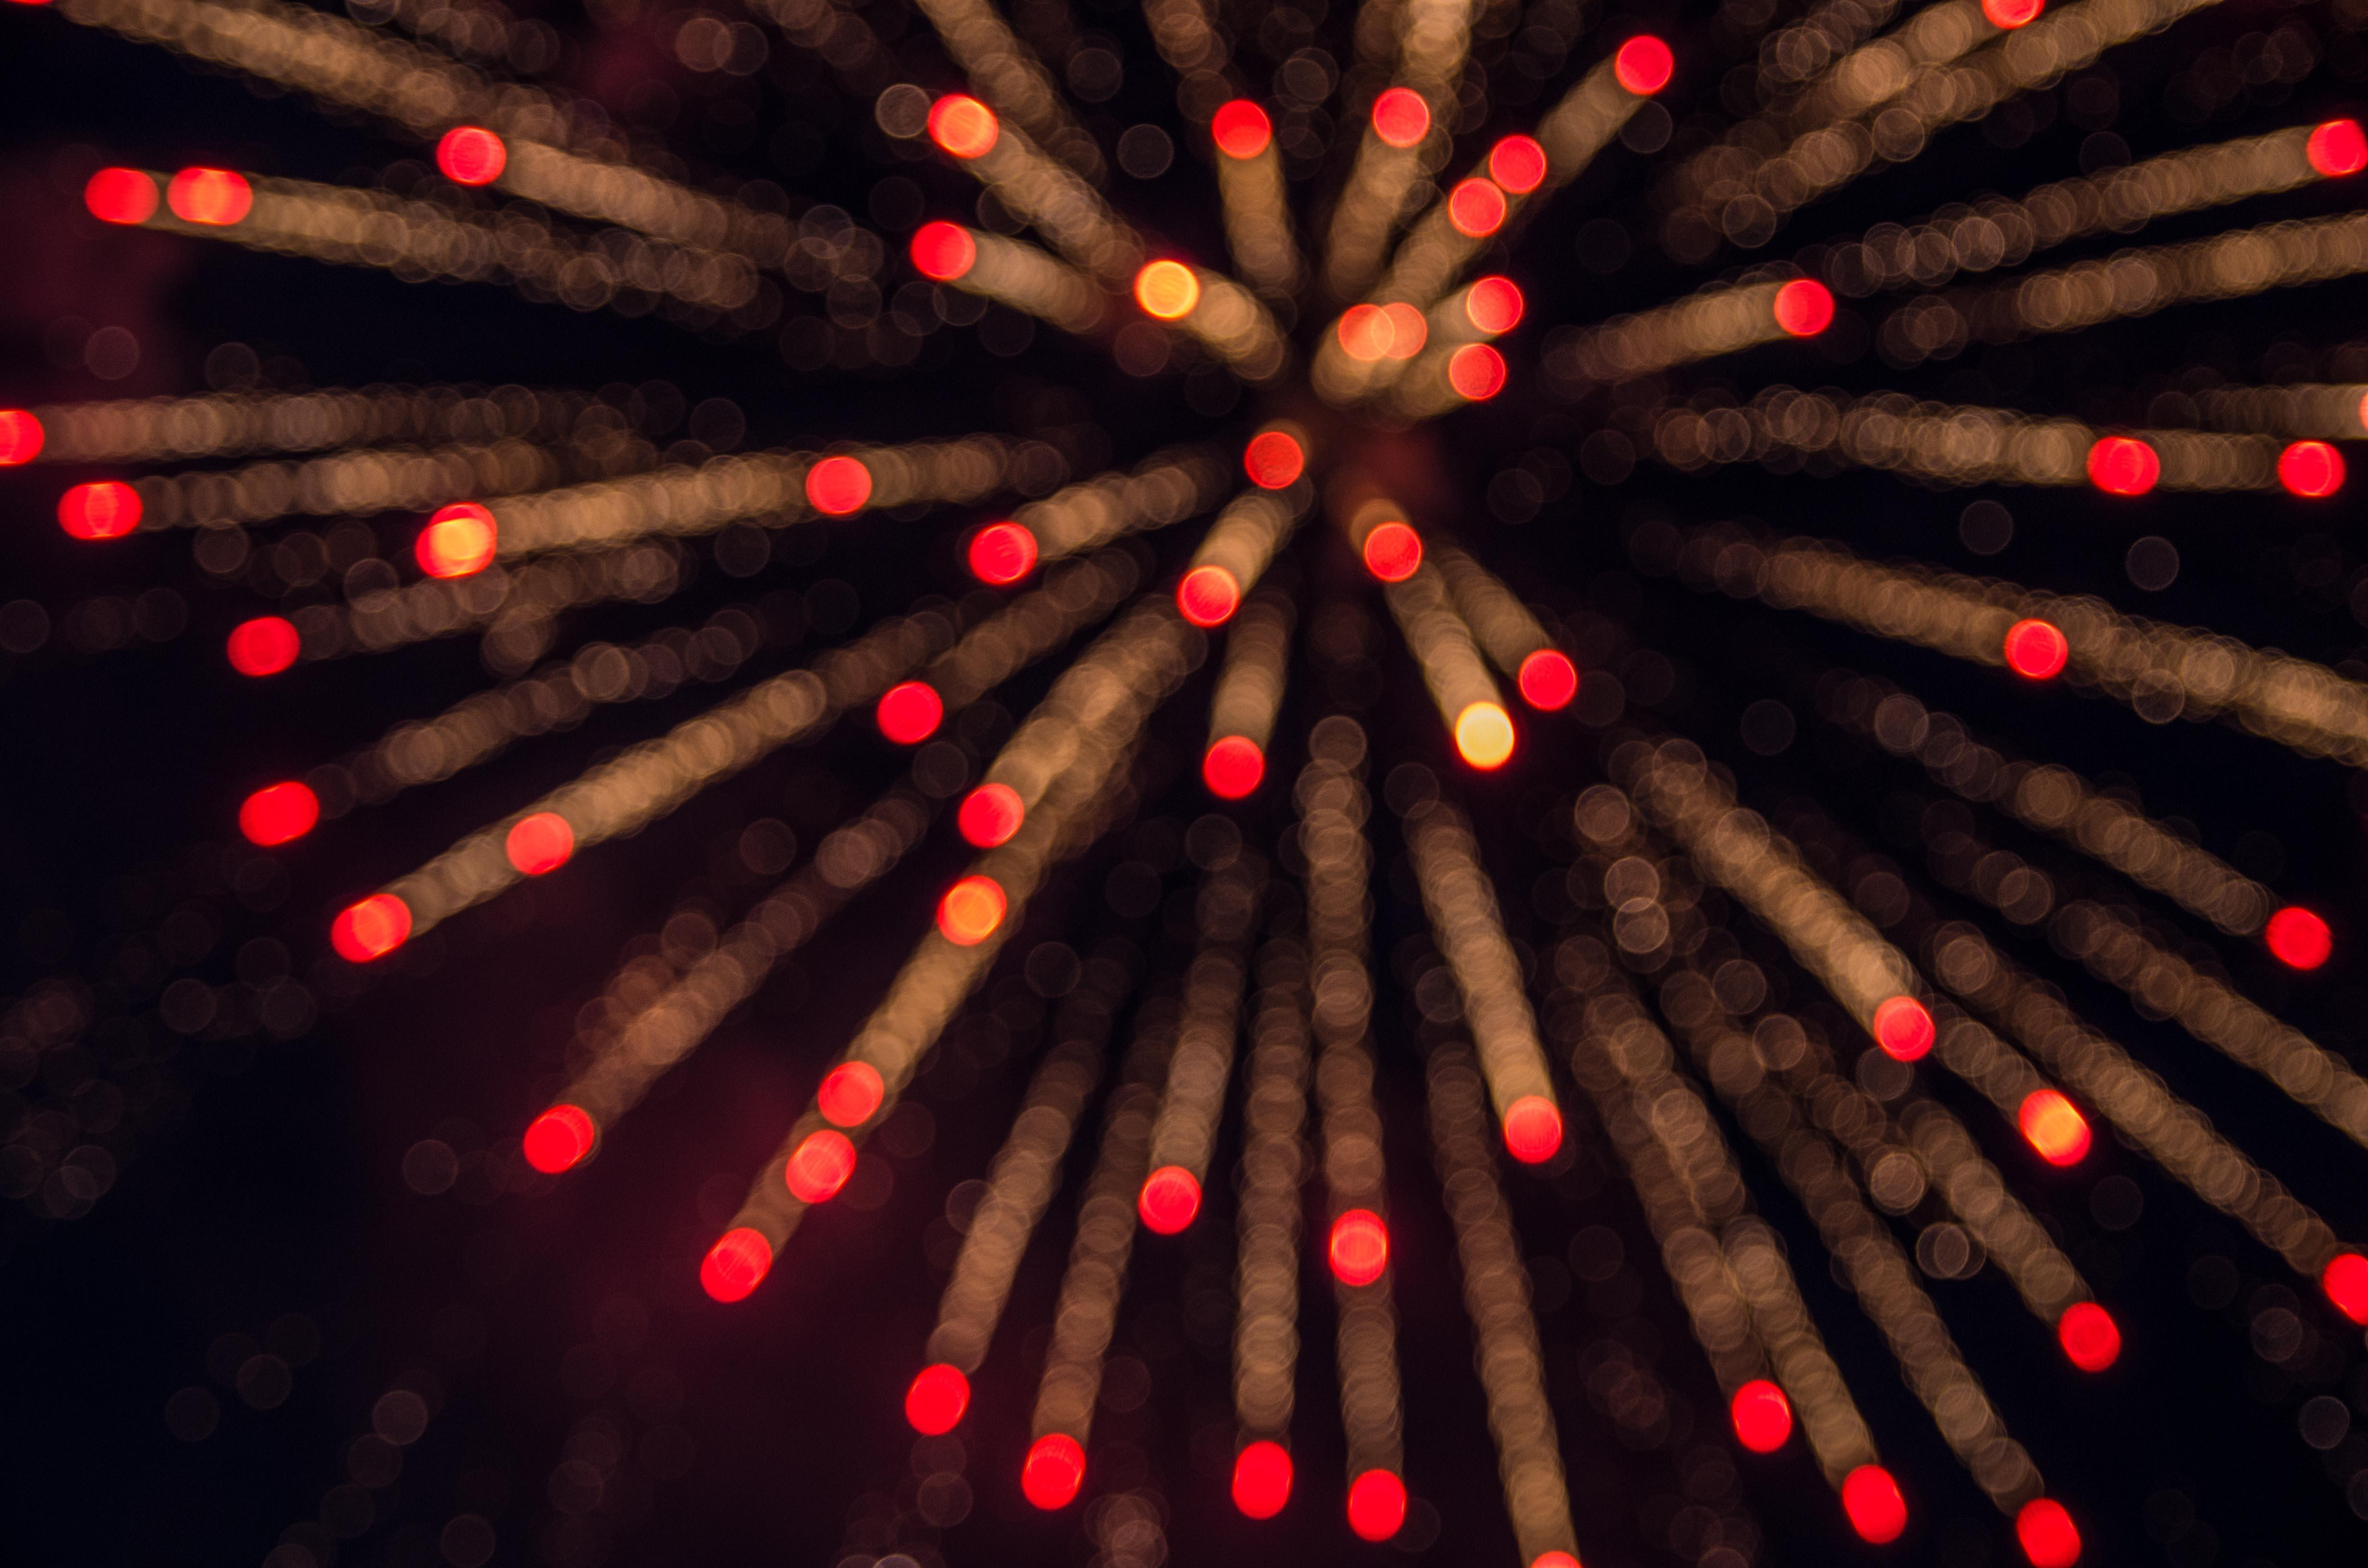 exploded fireworks